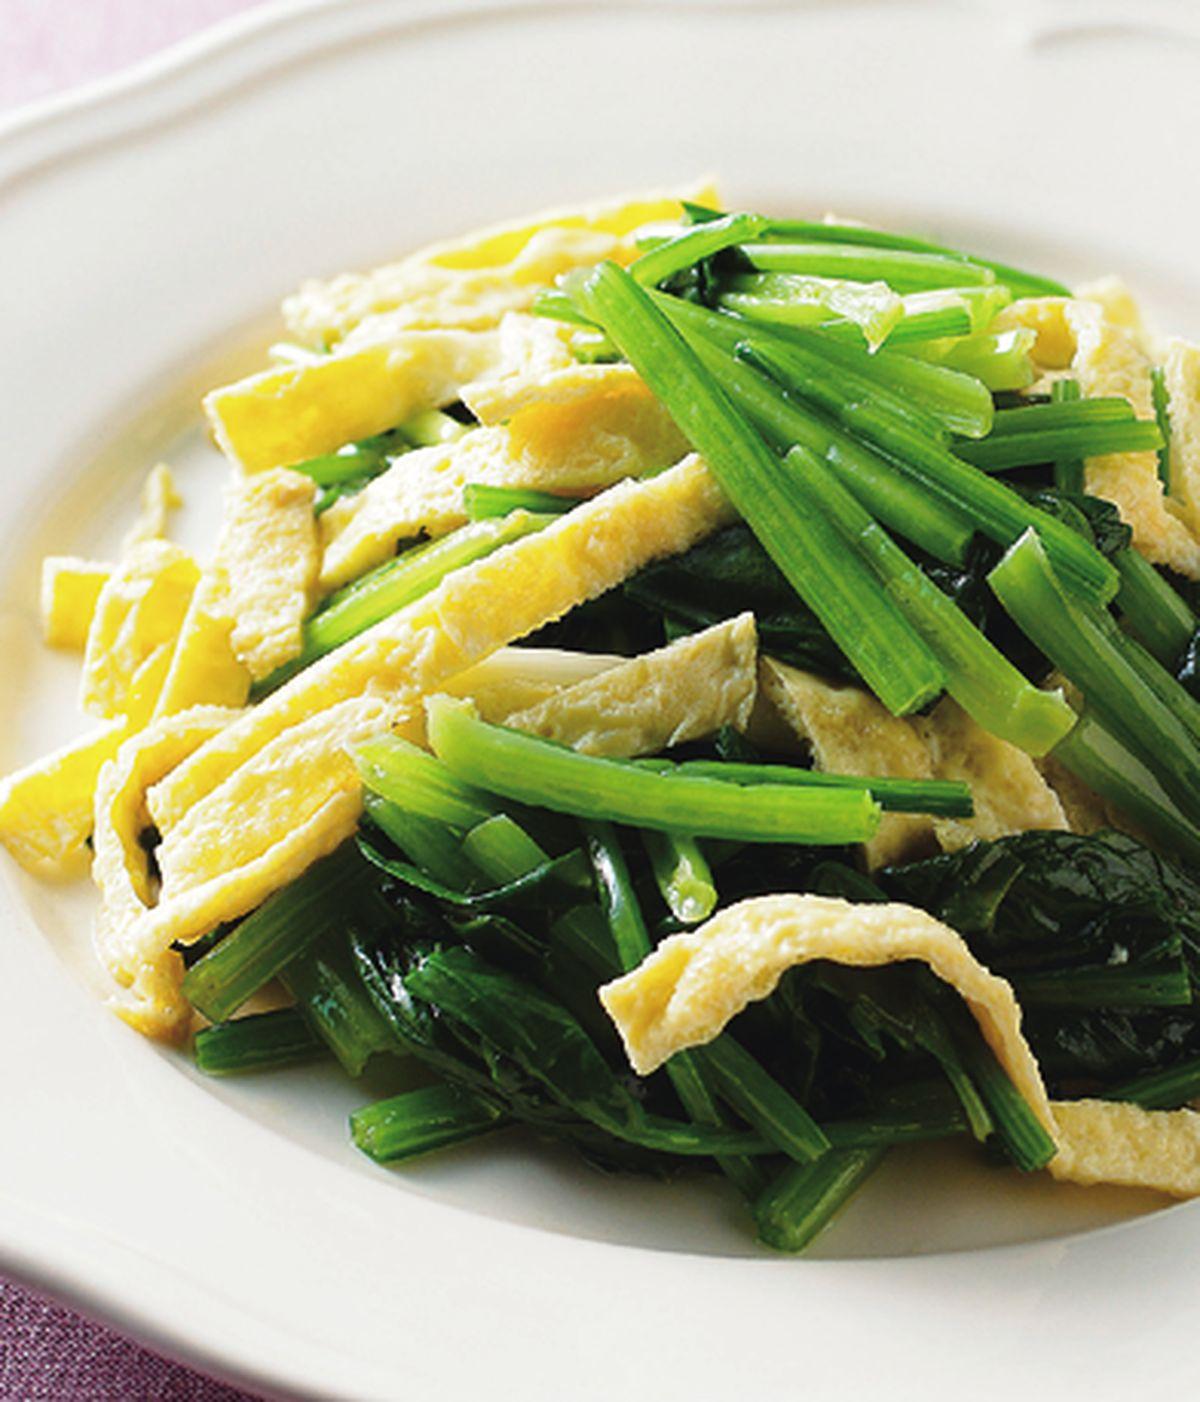 食譜:菠菜炒蛋皮